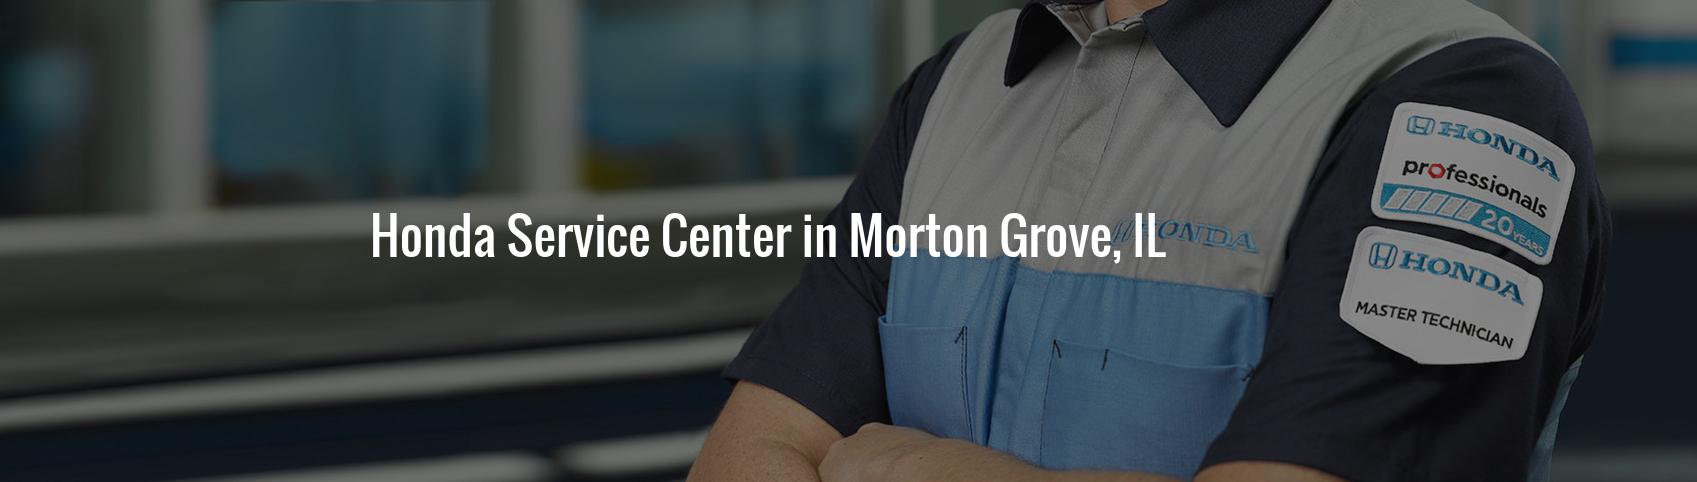 Honda Service Center in Morton Grove, IL